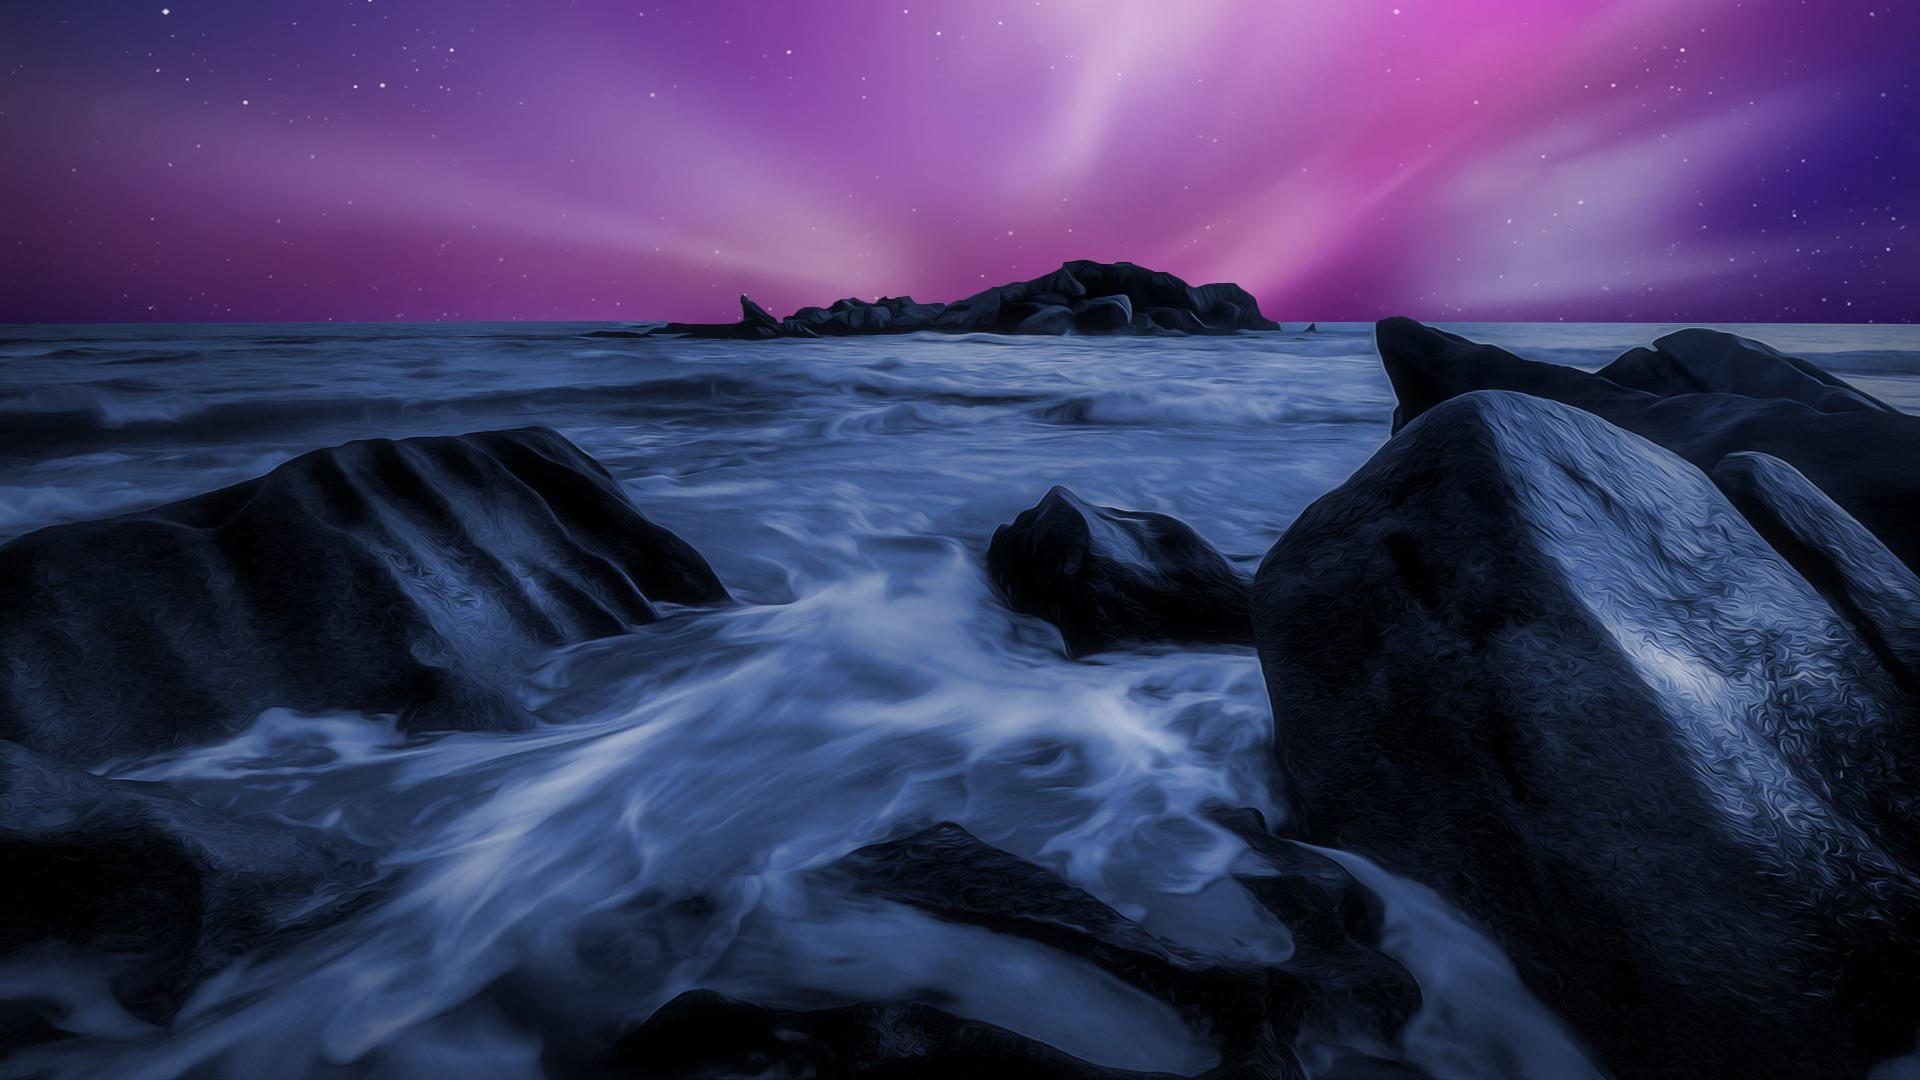 Sea Durning Night Time Rocks Artwork